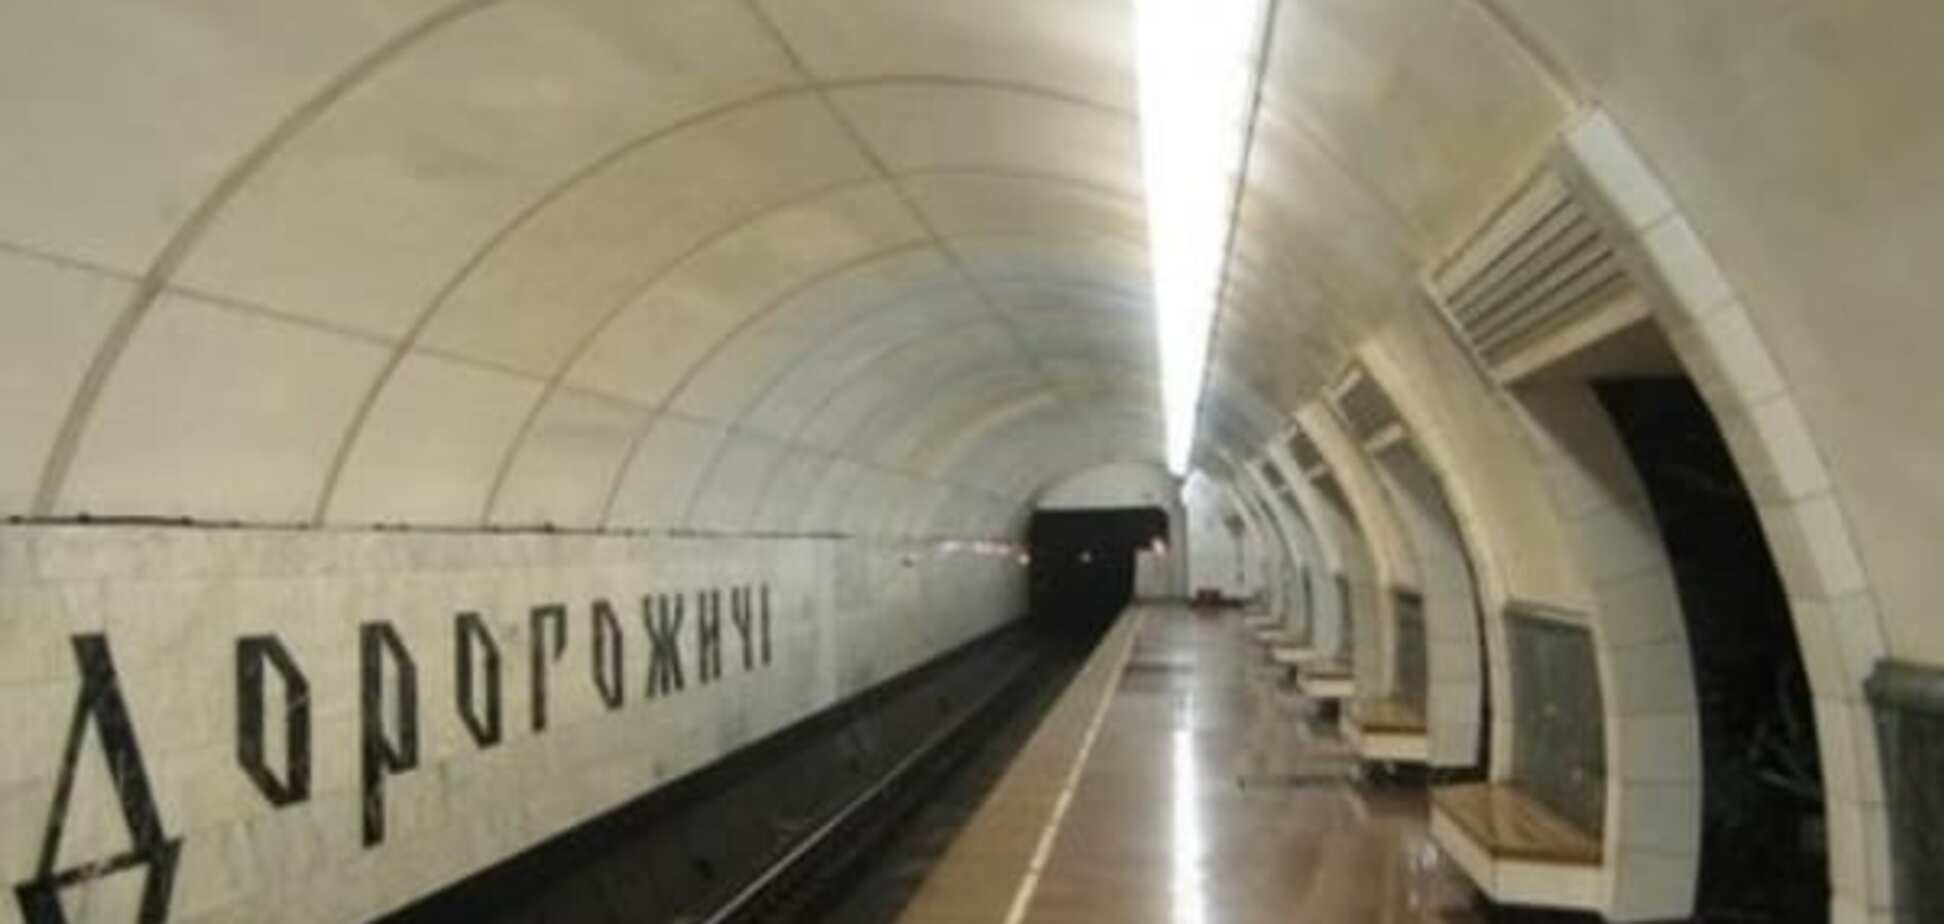 Проблеми з транспортом? У Києві маніяк замінував усі станції метро